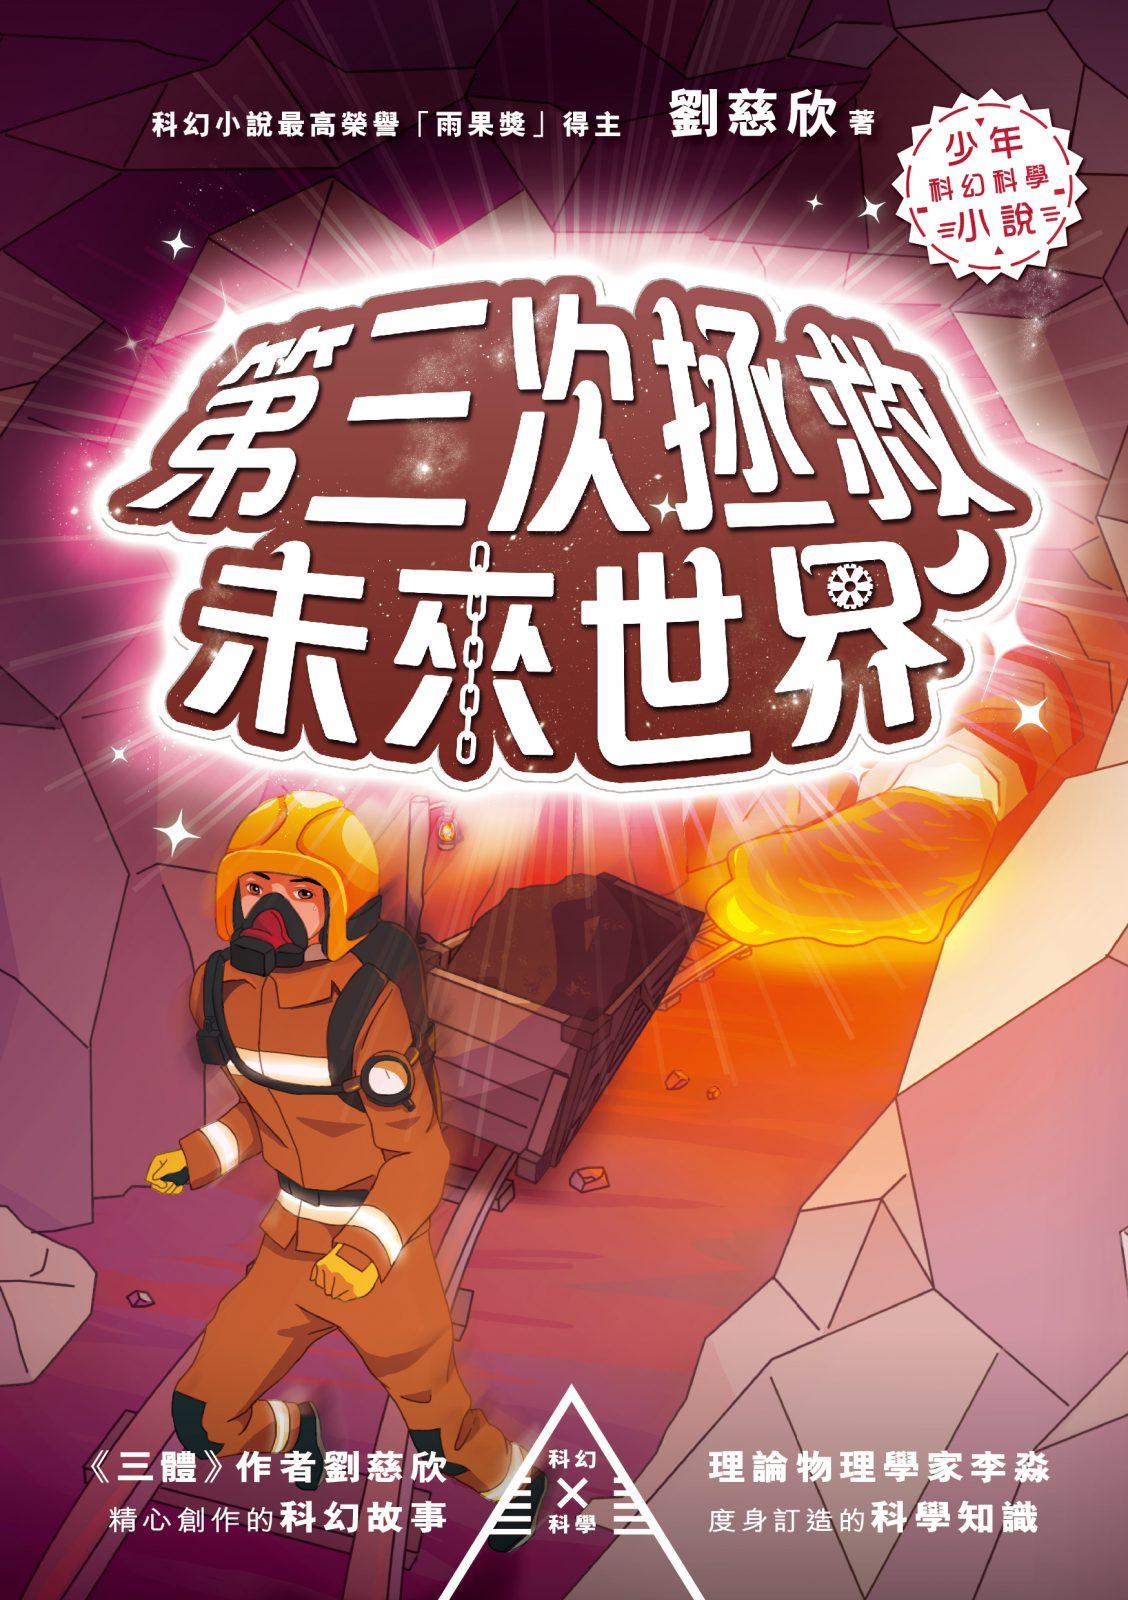 劉慈欣少年科幻科學小說:第三次拯救未來世界